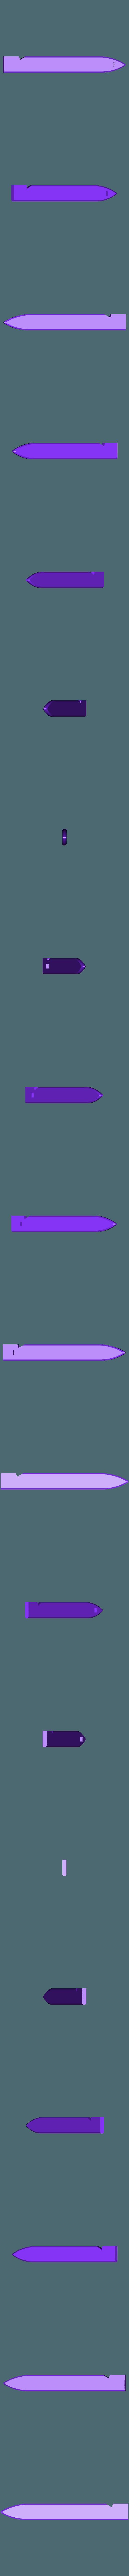 lame.stl Télécharger fichier STL gratuit Shark knife • Design imprimable en 3D, rfbat